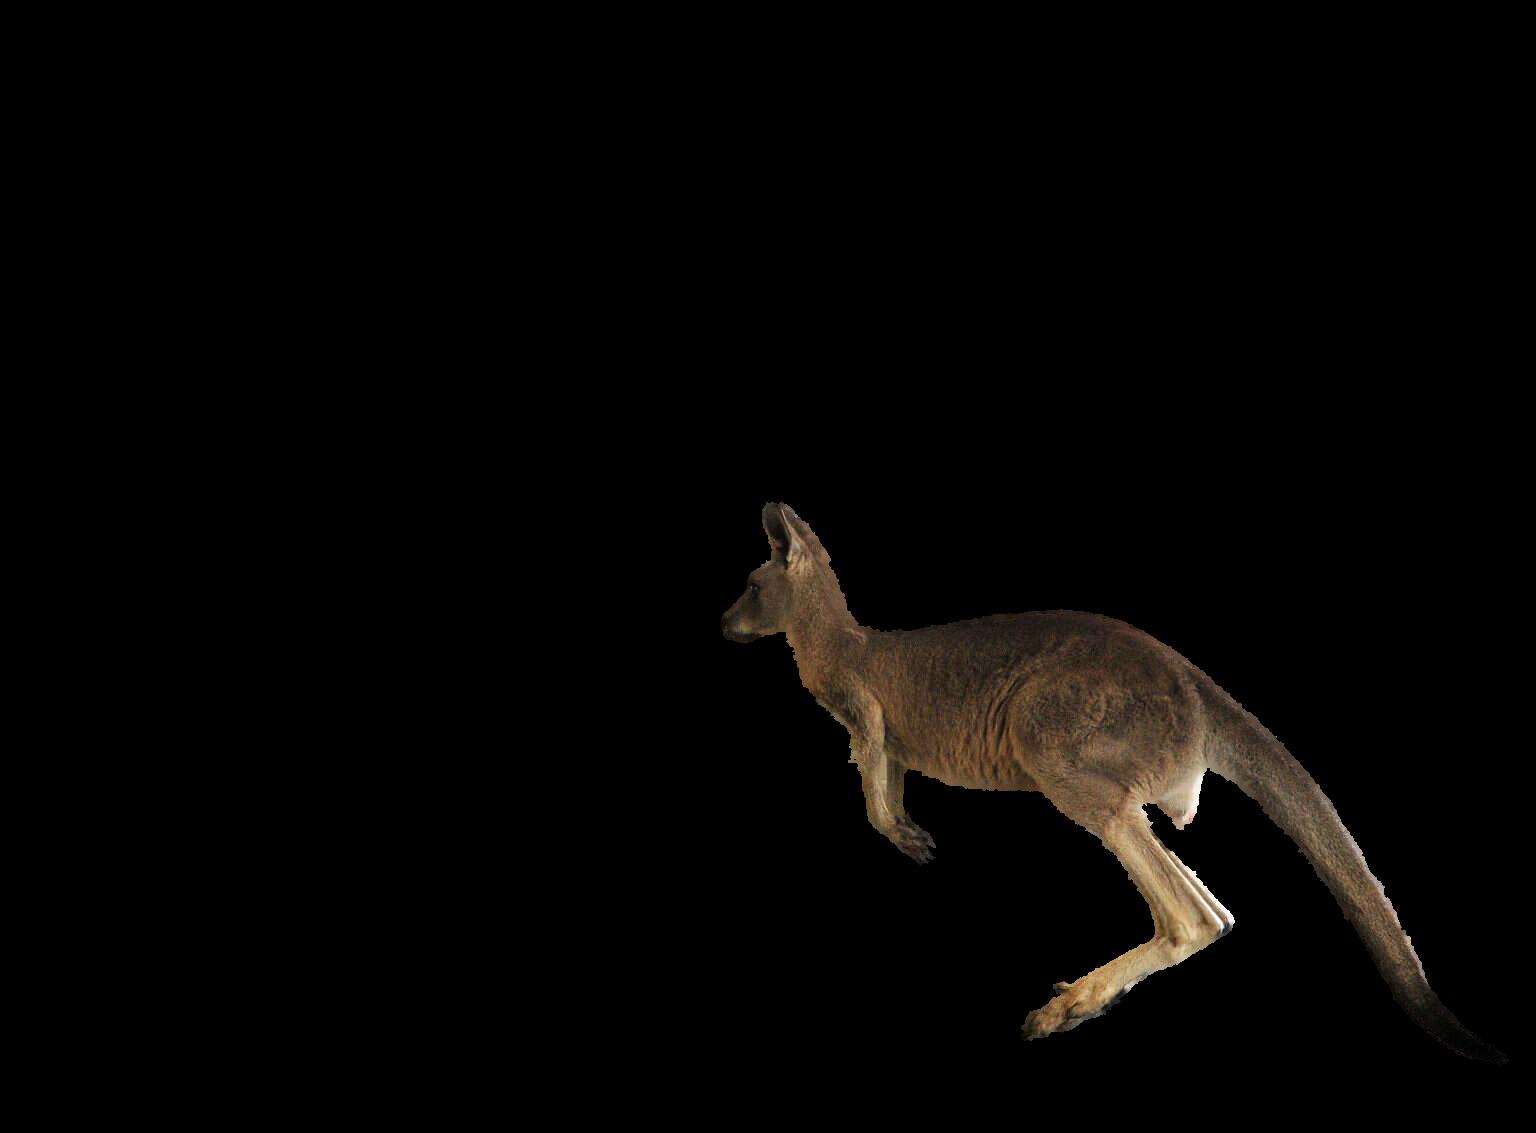 Kangaroo - Jumping Kangaroo PNG